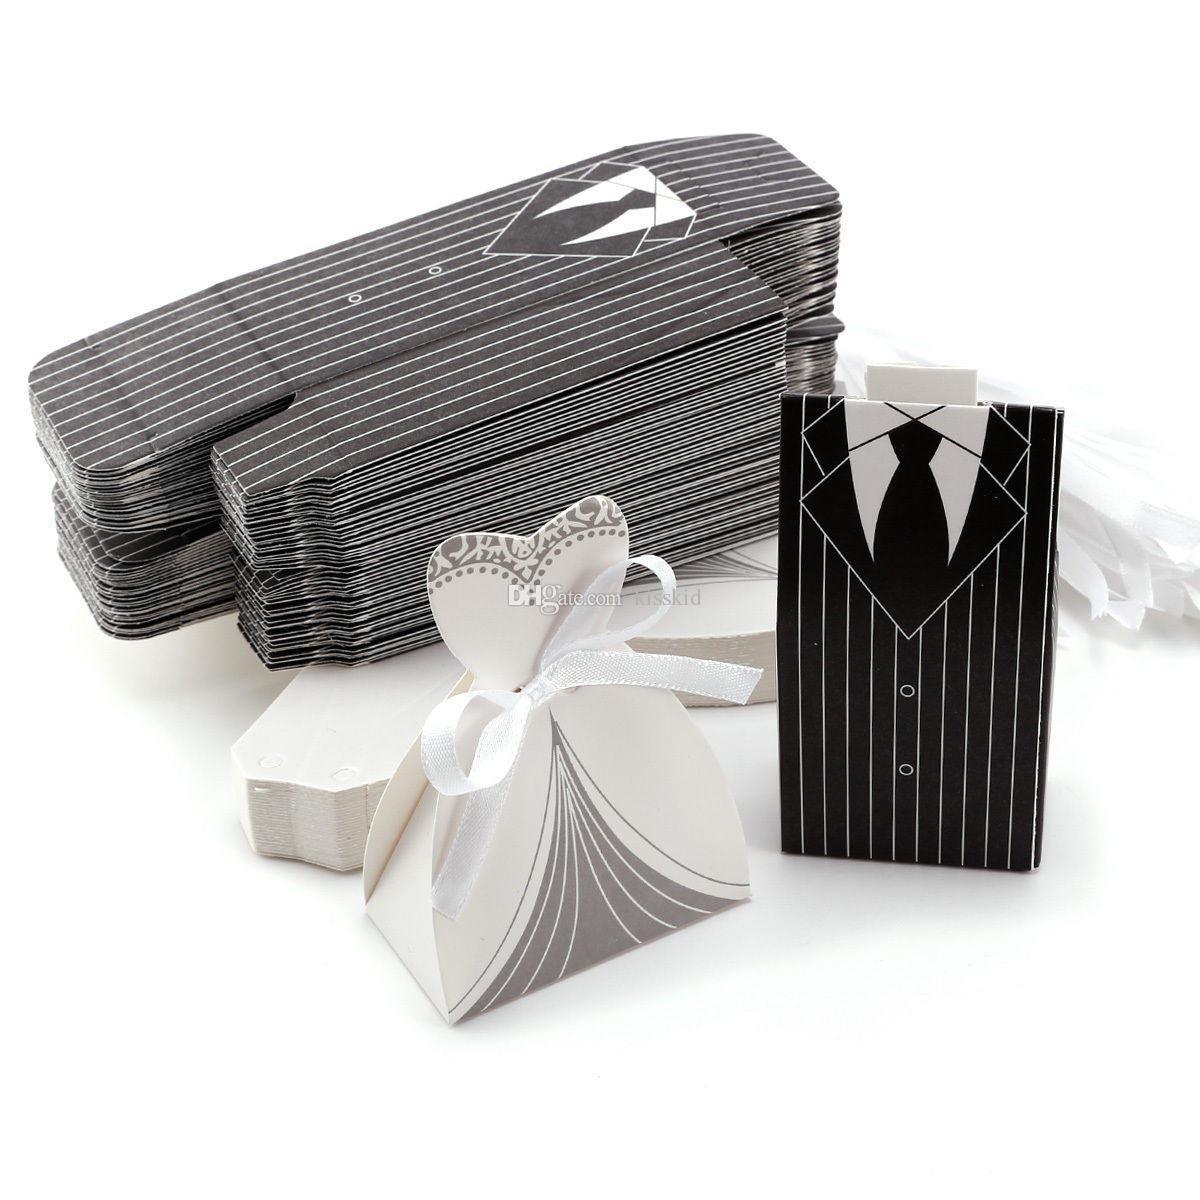 Boîtes De Bonbons Tuxedo Robe De Mariée et le Marié De Mariage Cadeau Bonbons Faveur Boîte Articles De Fête Livraison gratuite